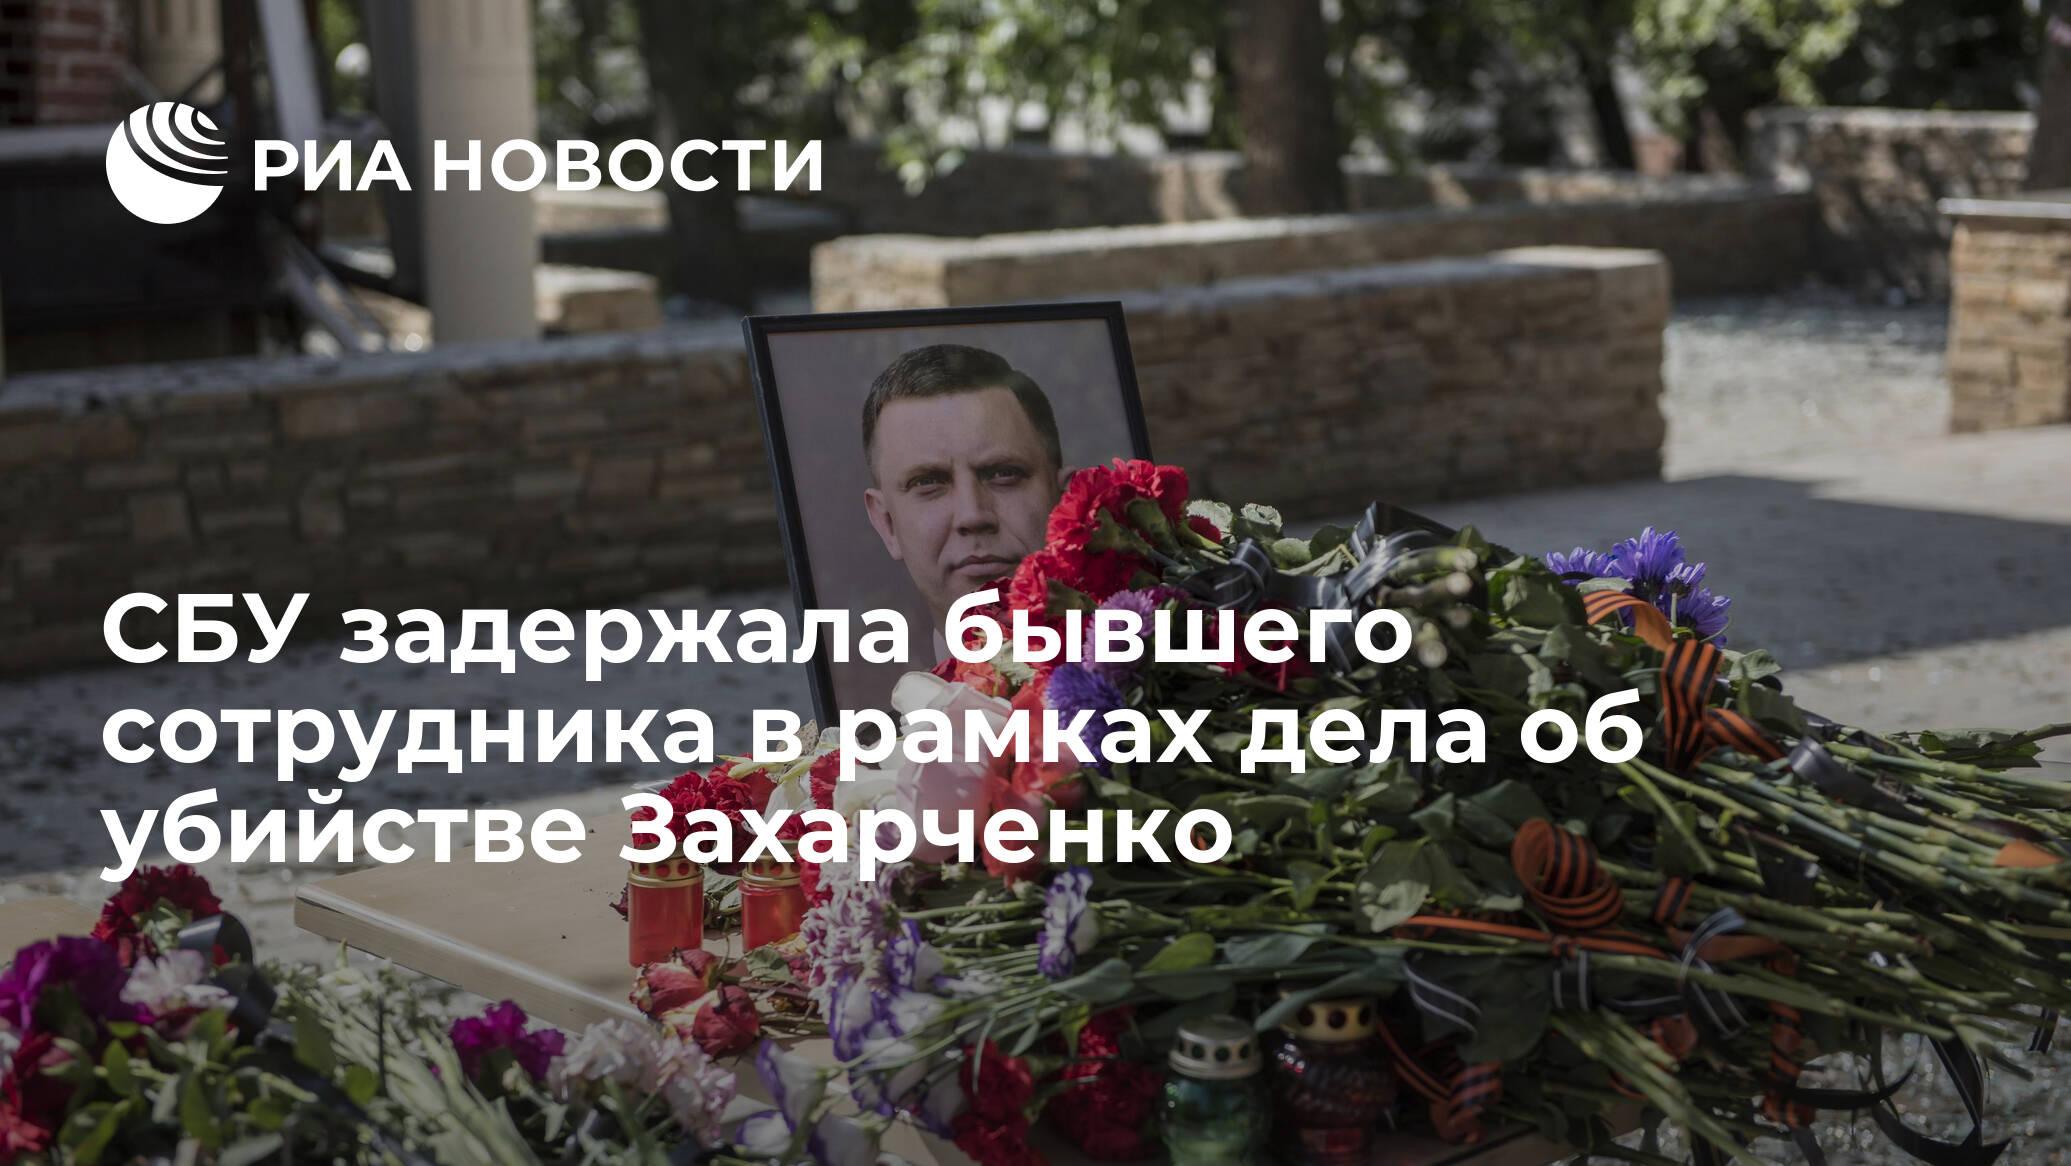 СБУ задержала бывшего сотрудника в рамках дела об убийстве Захарченко